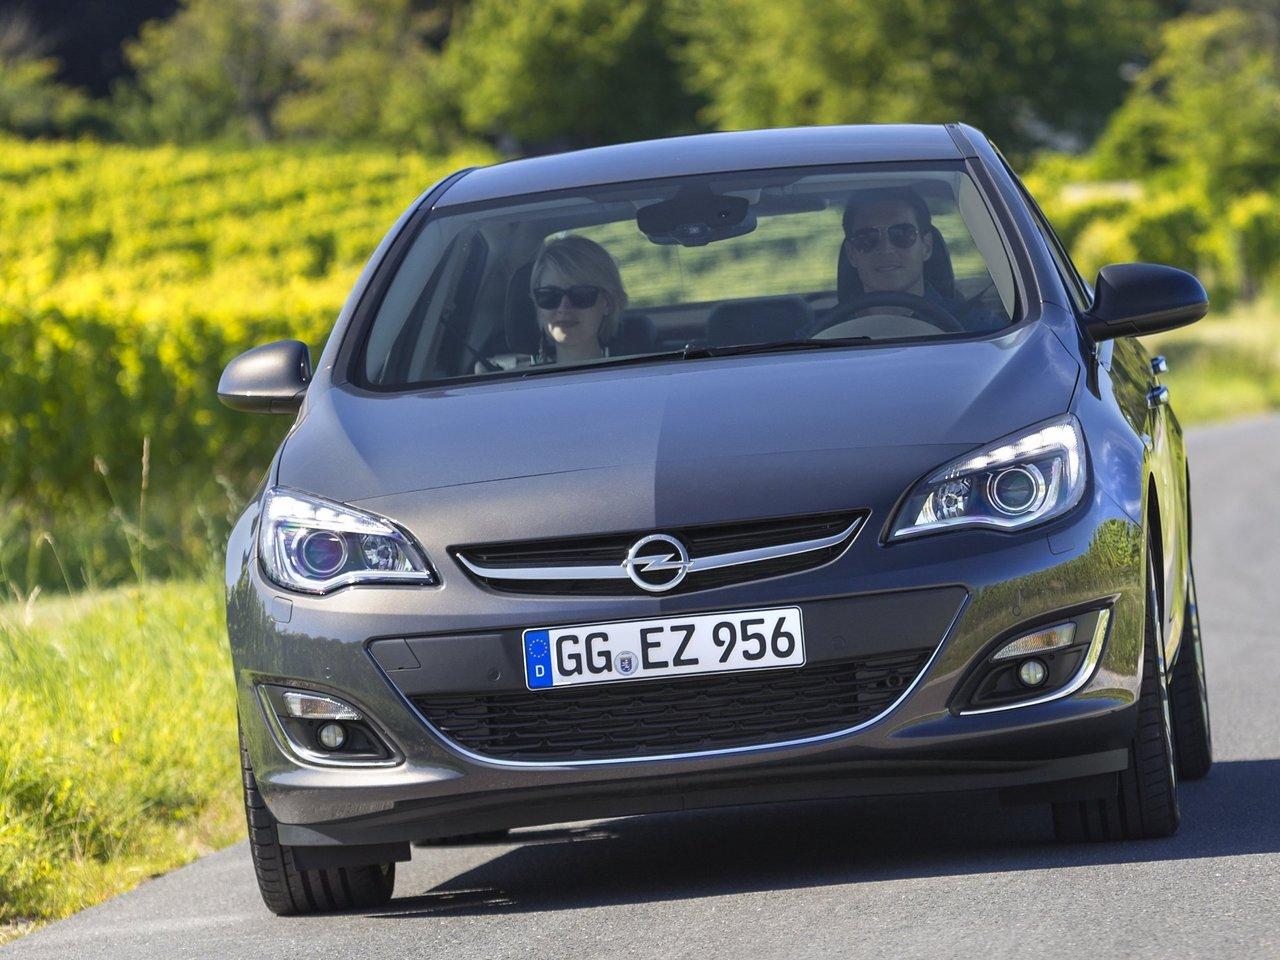 Снимки: Opel Astra J Sedan